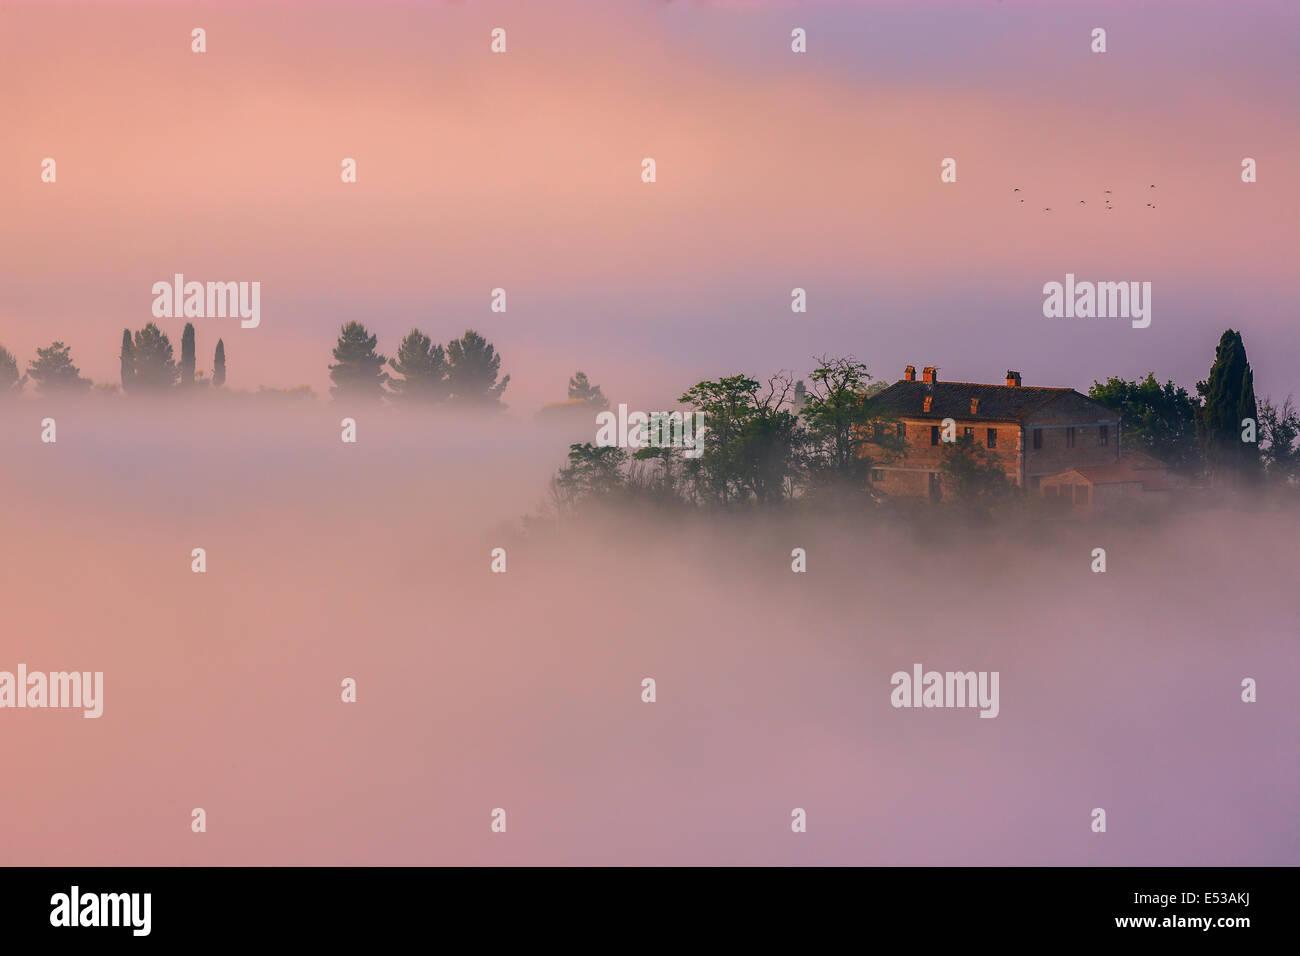 Famoso Podere Belvedere nella luce del mattino, nel cuore della Toscana vicino a San Quirico in de Val d'Orcia Immagini Stock